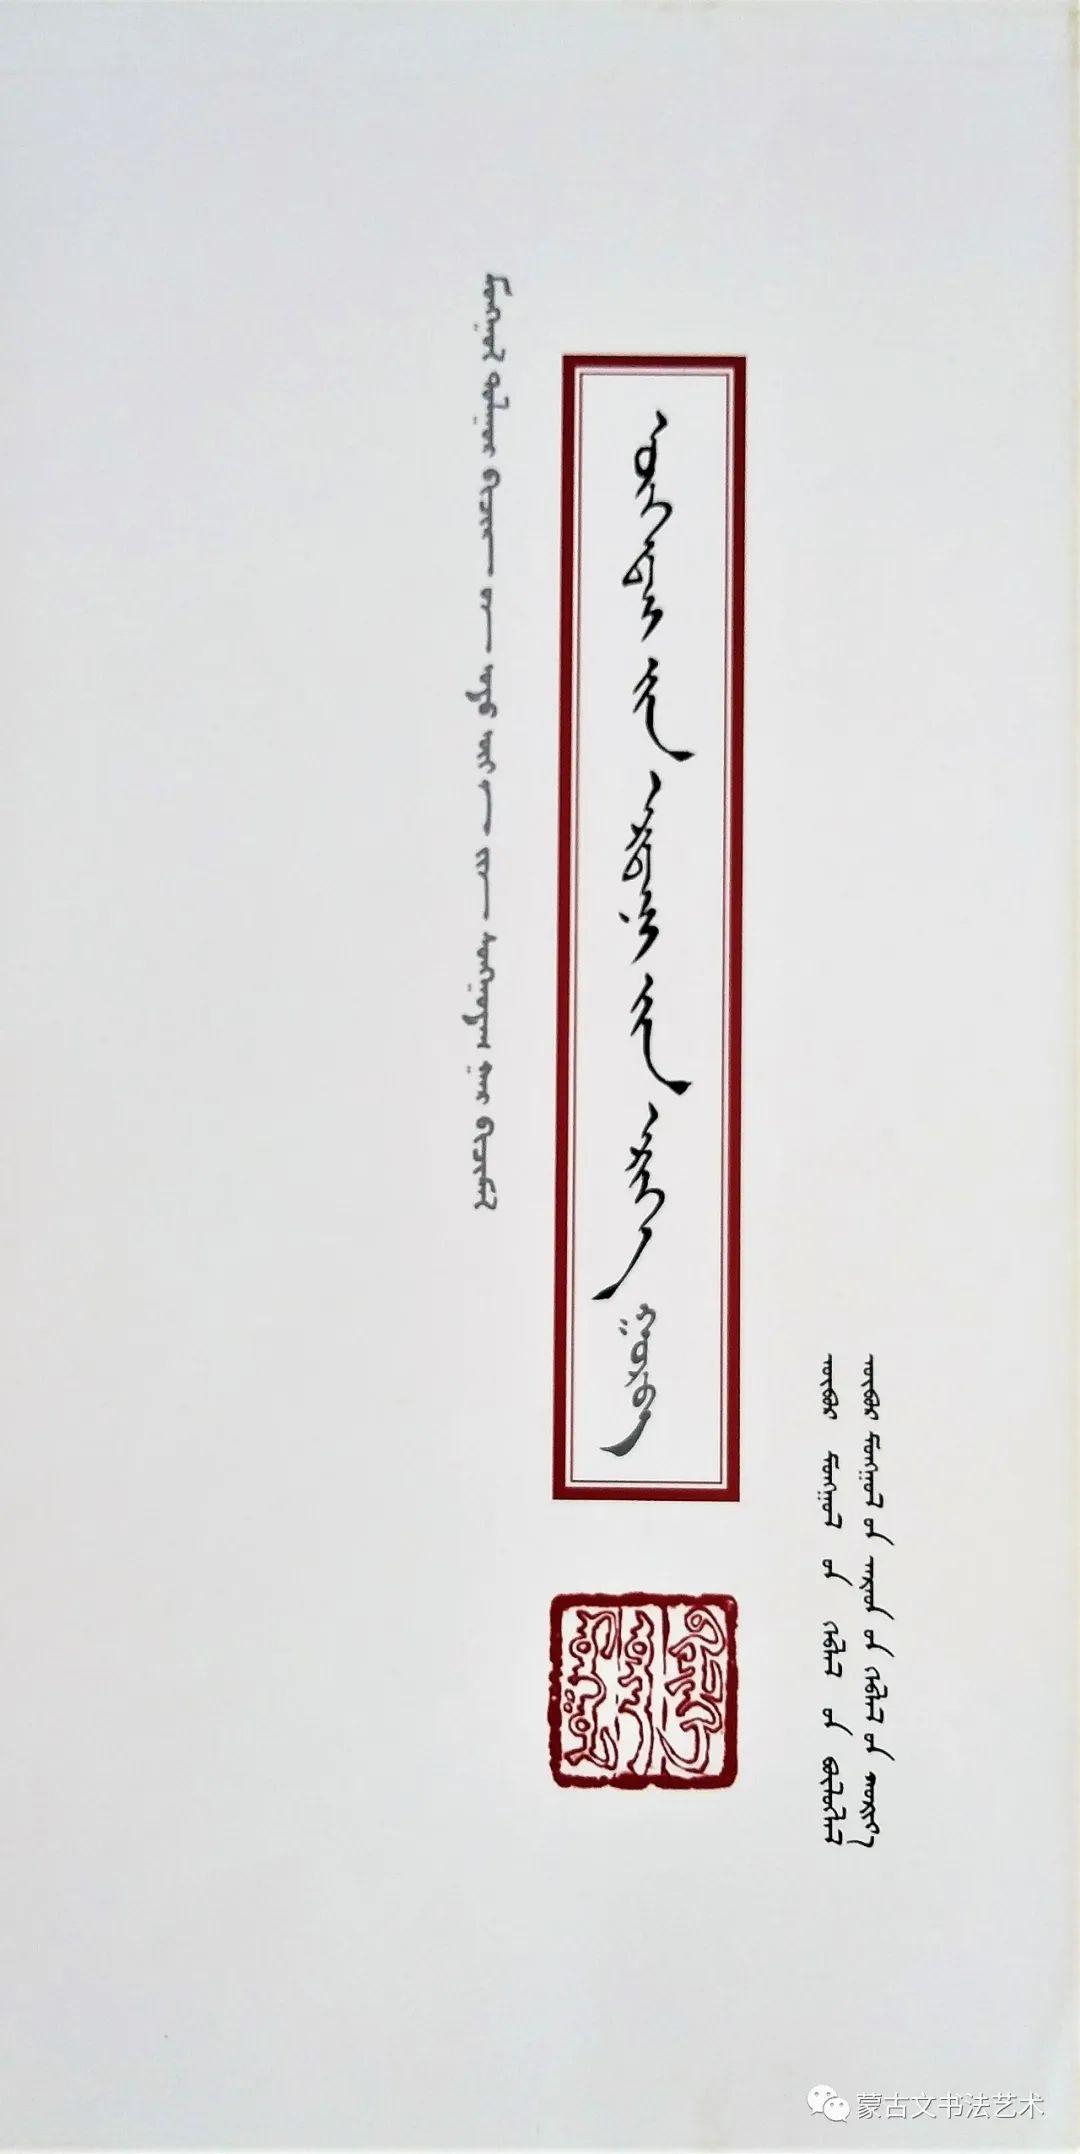 蒙古文经典文献当代书法名家手抄本之李金海《窝阔台之宝鬘》 第4张